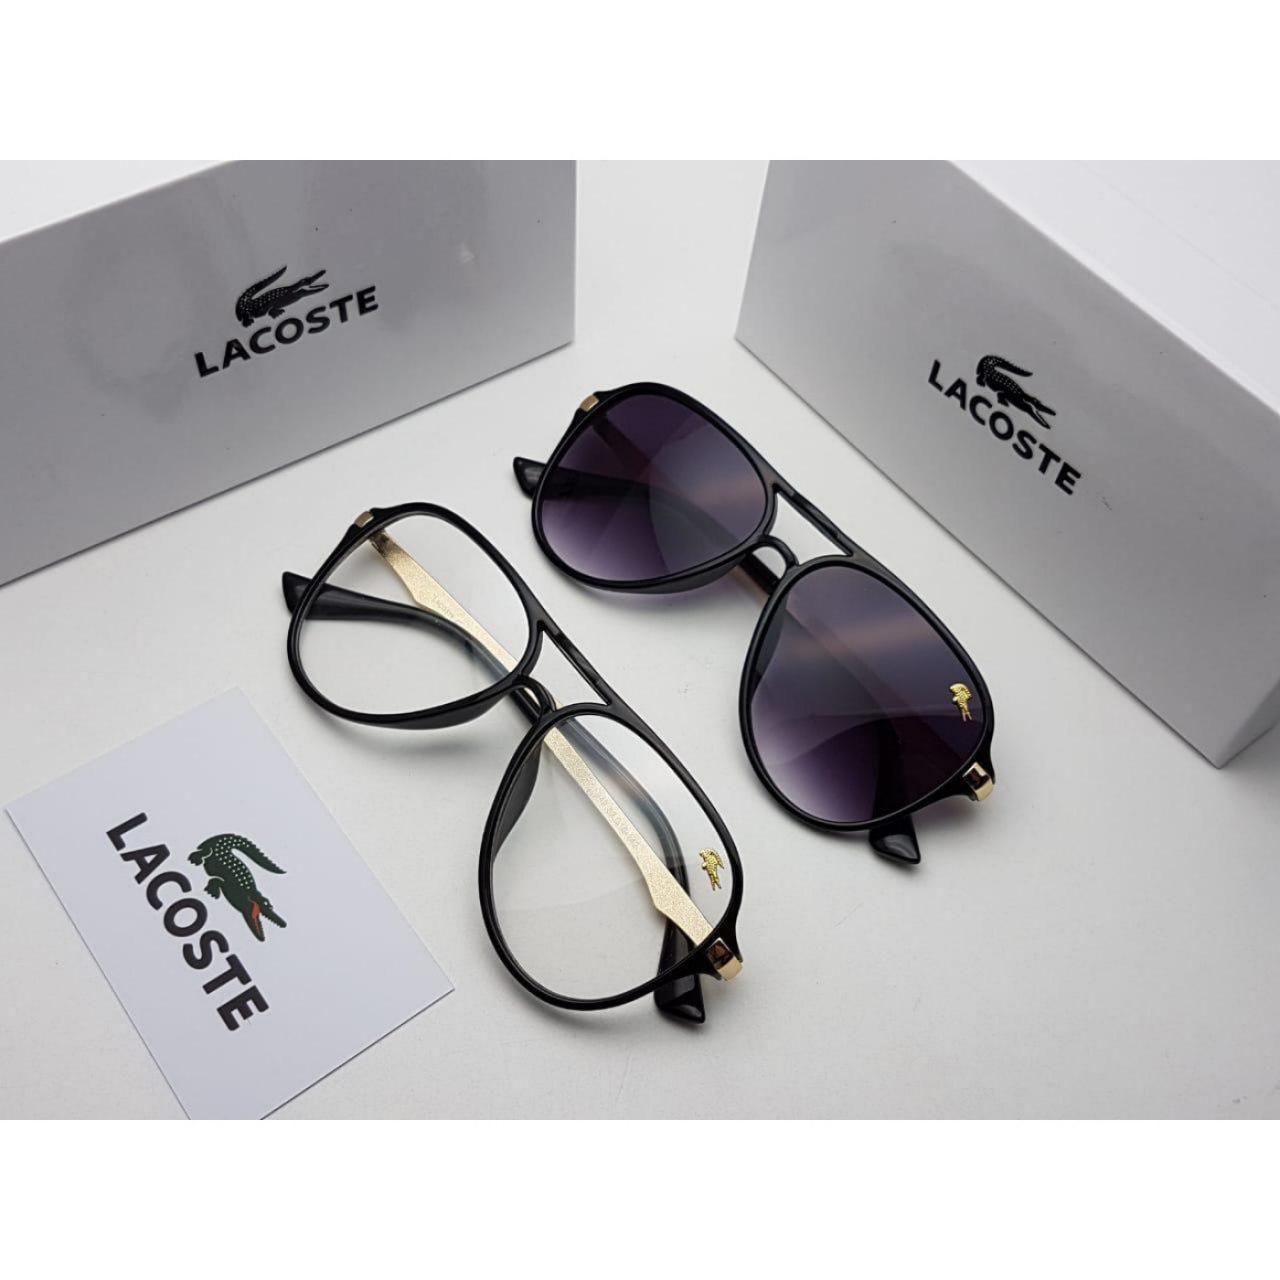 نظارات لاكوست رجالي Lacoste درجه اولى مع كامل ملحقاتها و بنفس الاسم هدايا هنوف Glasses Sunglasses Fashion